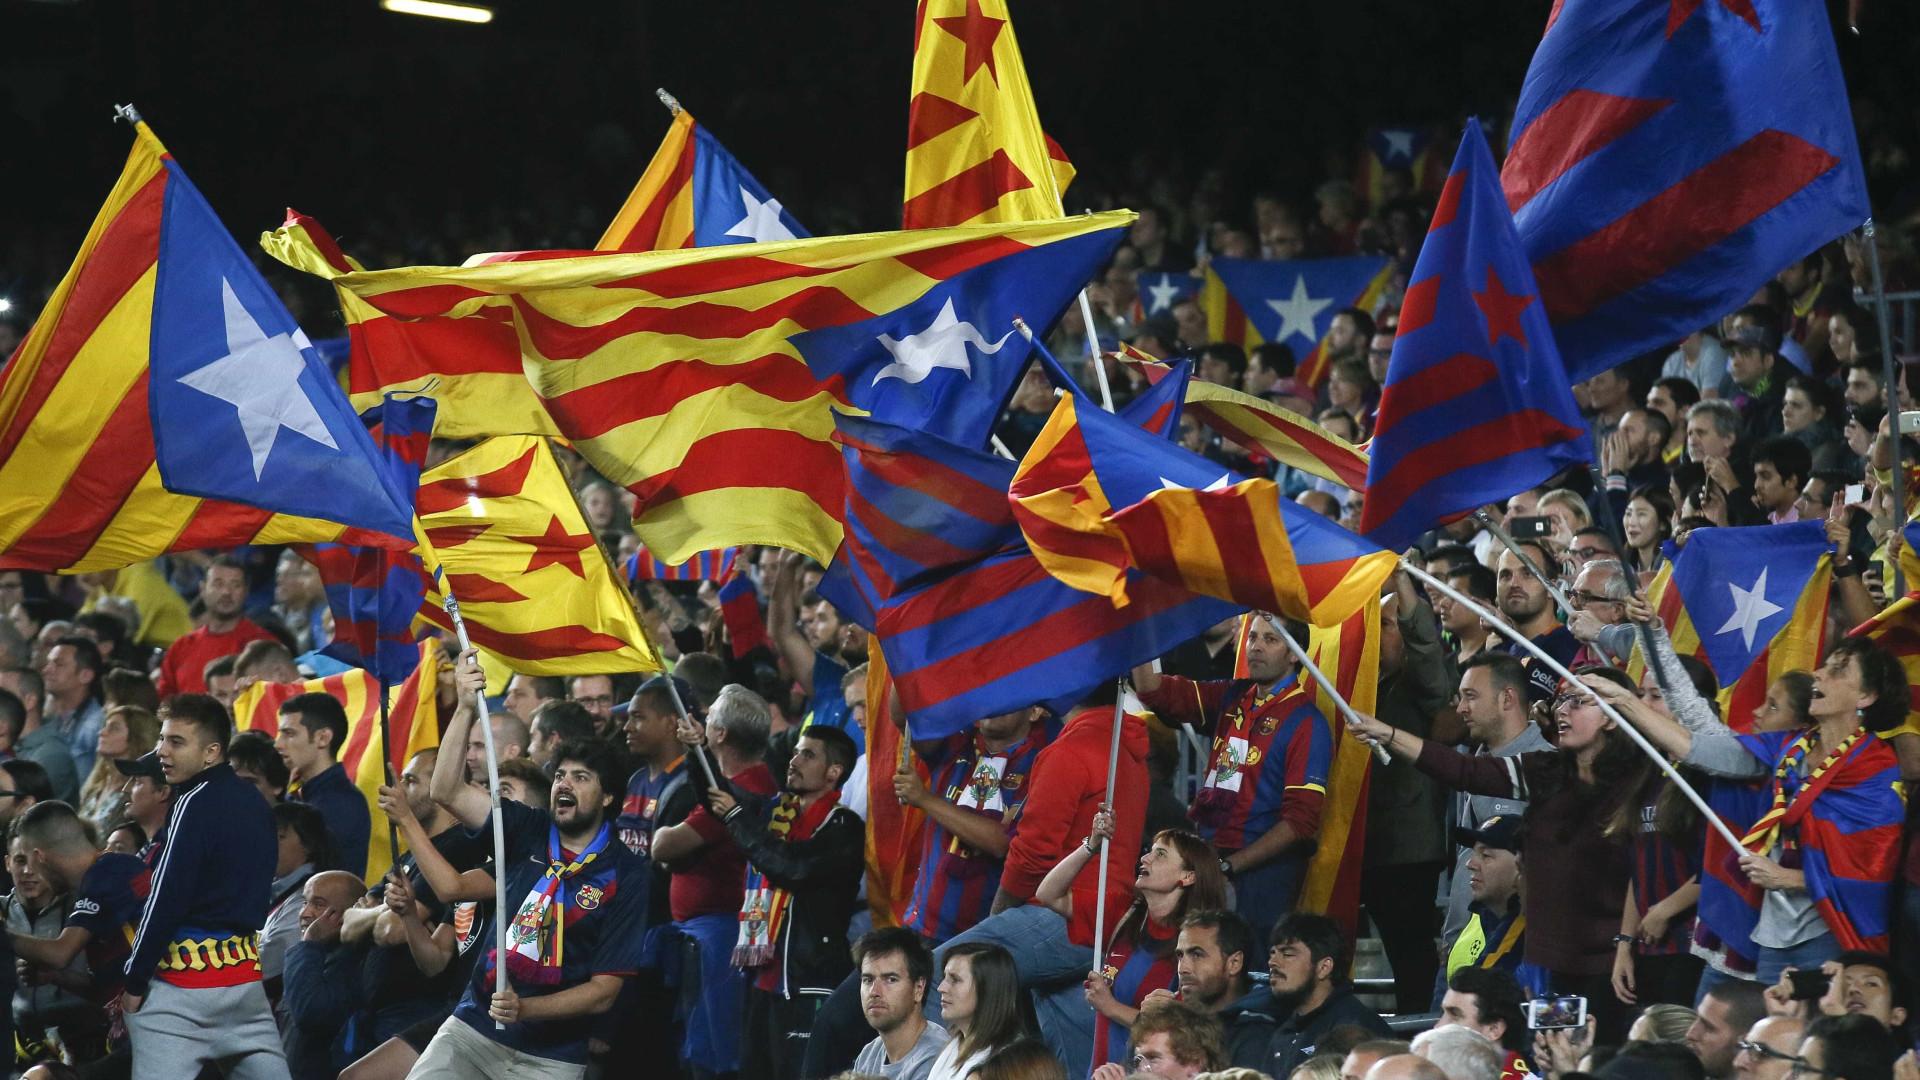 Governo espanhol vai coordenar ações para impedir referendo na Catalunha